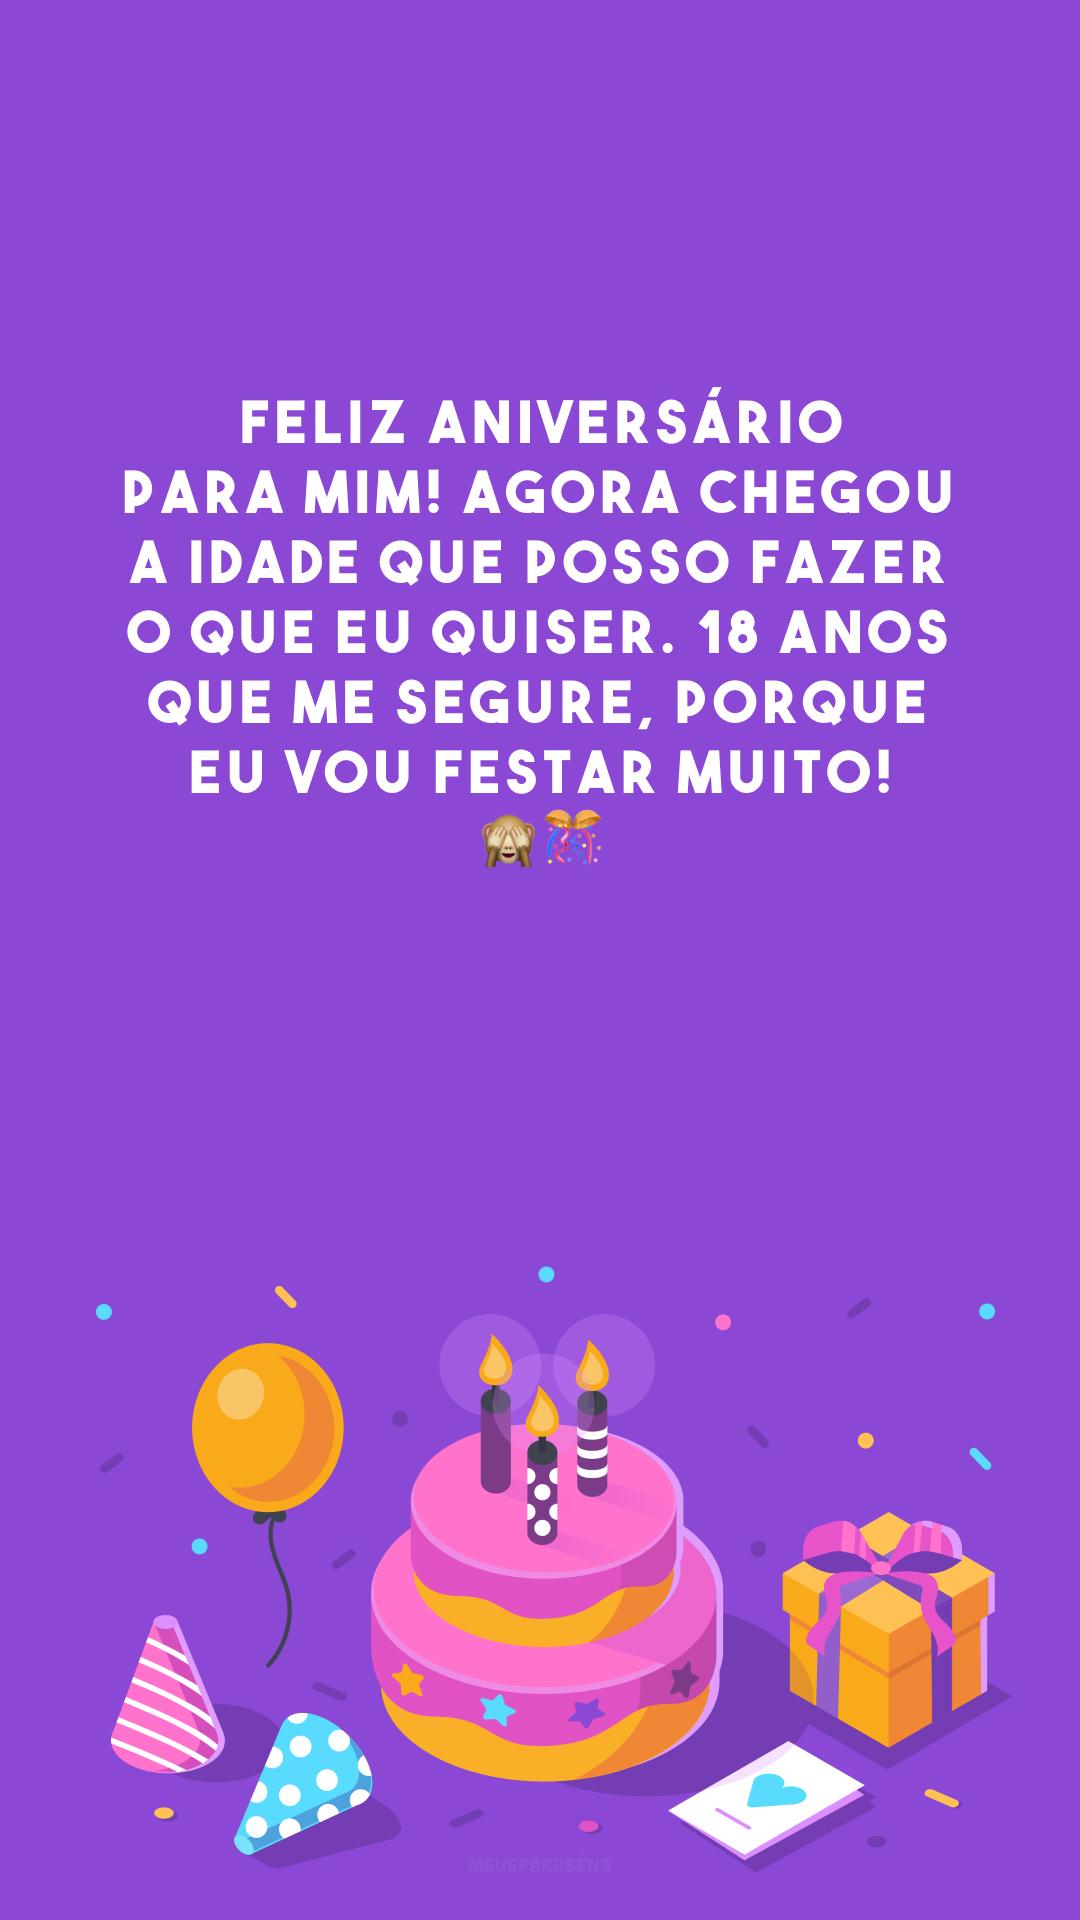 Feliz aniversário para mim! Agora chegou a idade que posso fazer o que eu quiser. 18 anos que me segure, porque eu vou festar muito! 🙈🎊